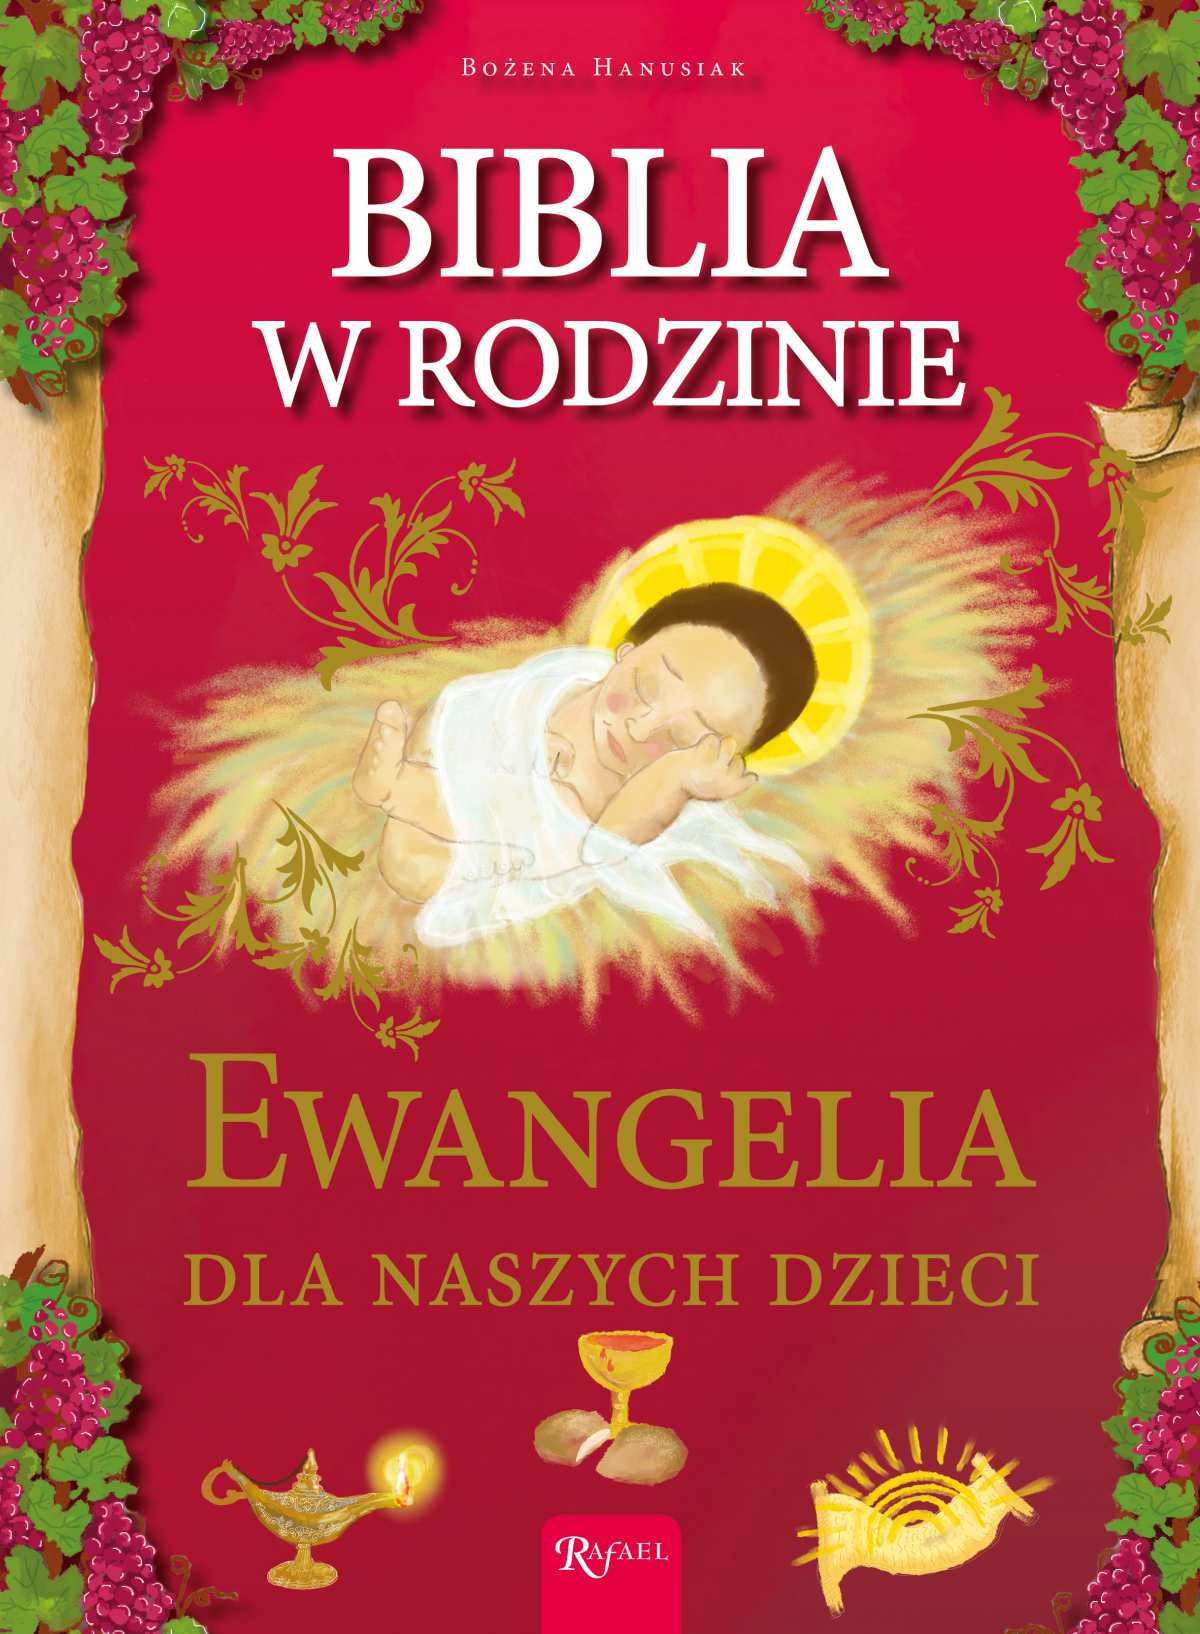 Biblia w rodzinie. Ewangelia dla naszych dzieci - Ebook (Książka na Kindle) do pobrania w formacie MOBI